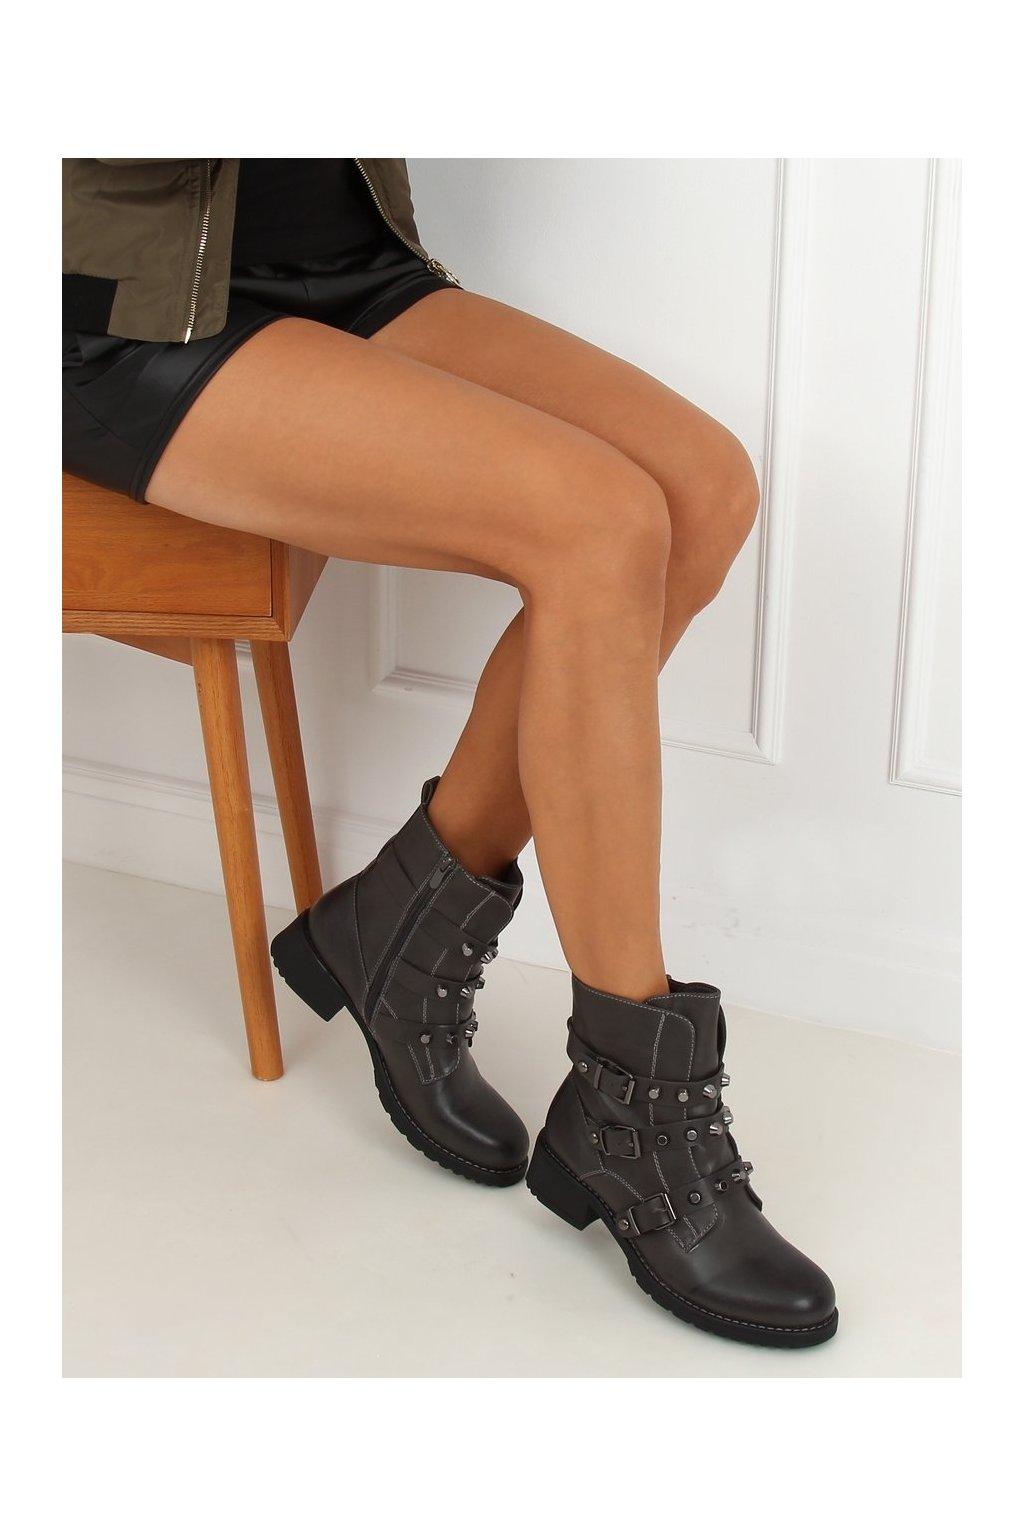 Dámske členkové topánky sivé Z195